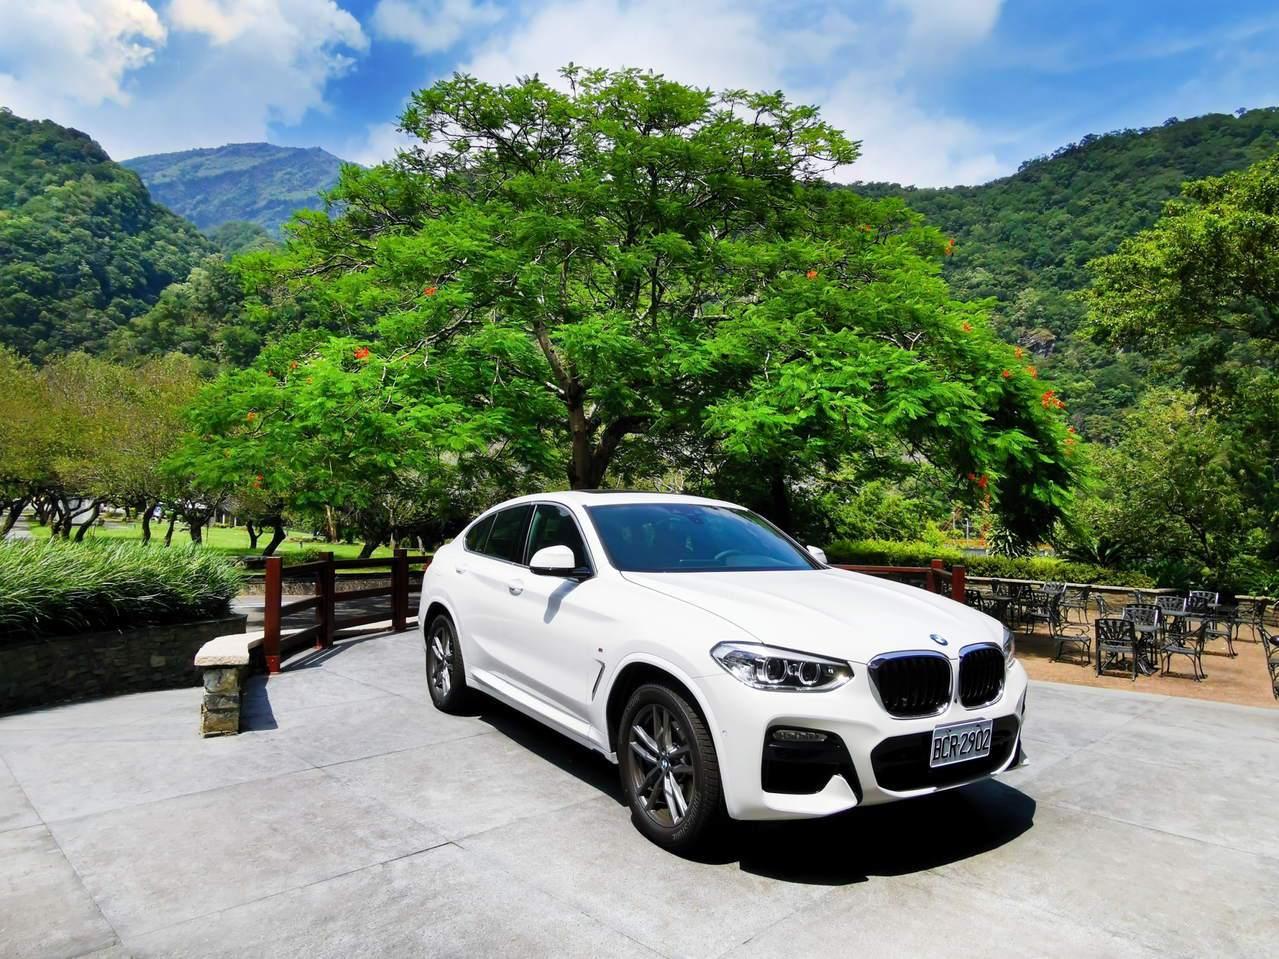 自駕體驗BMWX4,享受馳騁峽谷的快感。圖/太魯閣晶英酒店提供